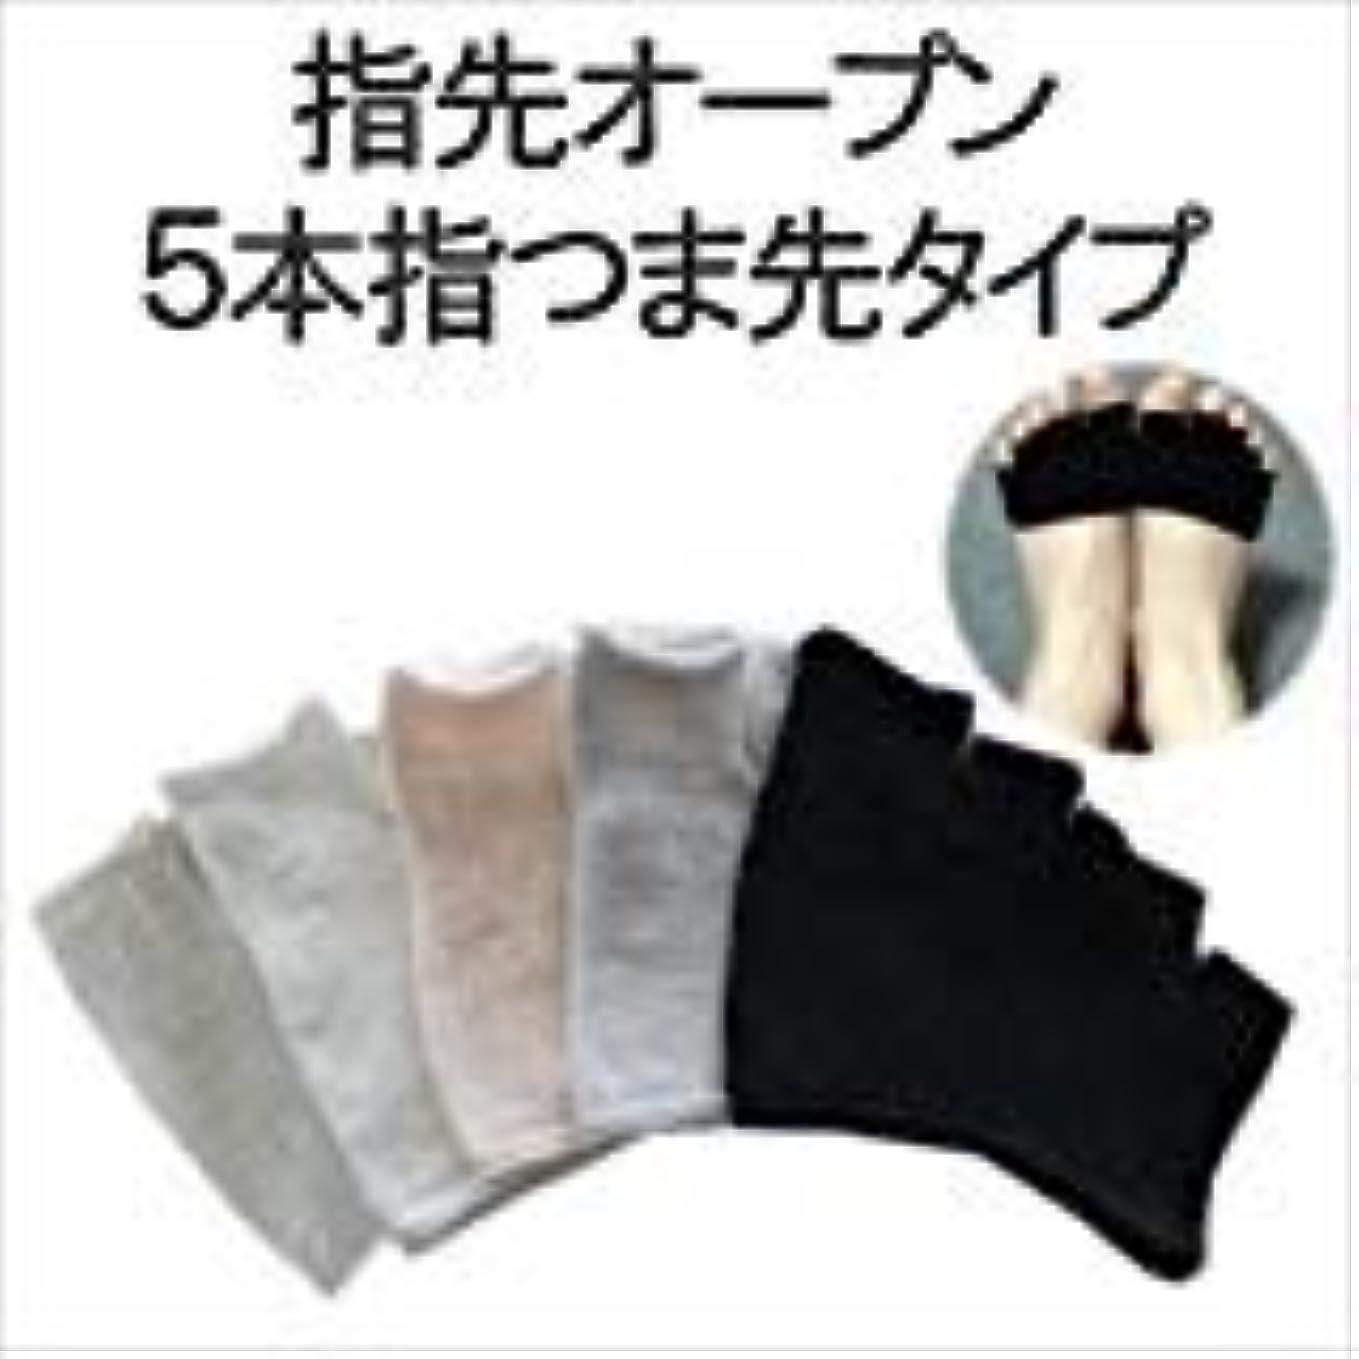 郵便フライカイトアレイ重ね履き用 5本指 指先オープン 汗 臭い対策 男女兼用 太陽ニット 310 (ブラック)